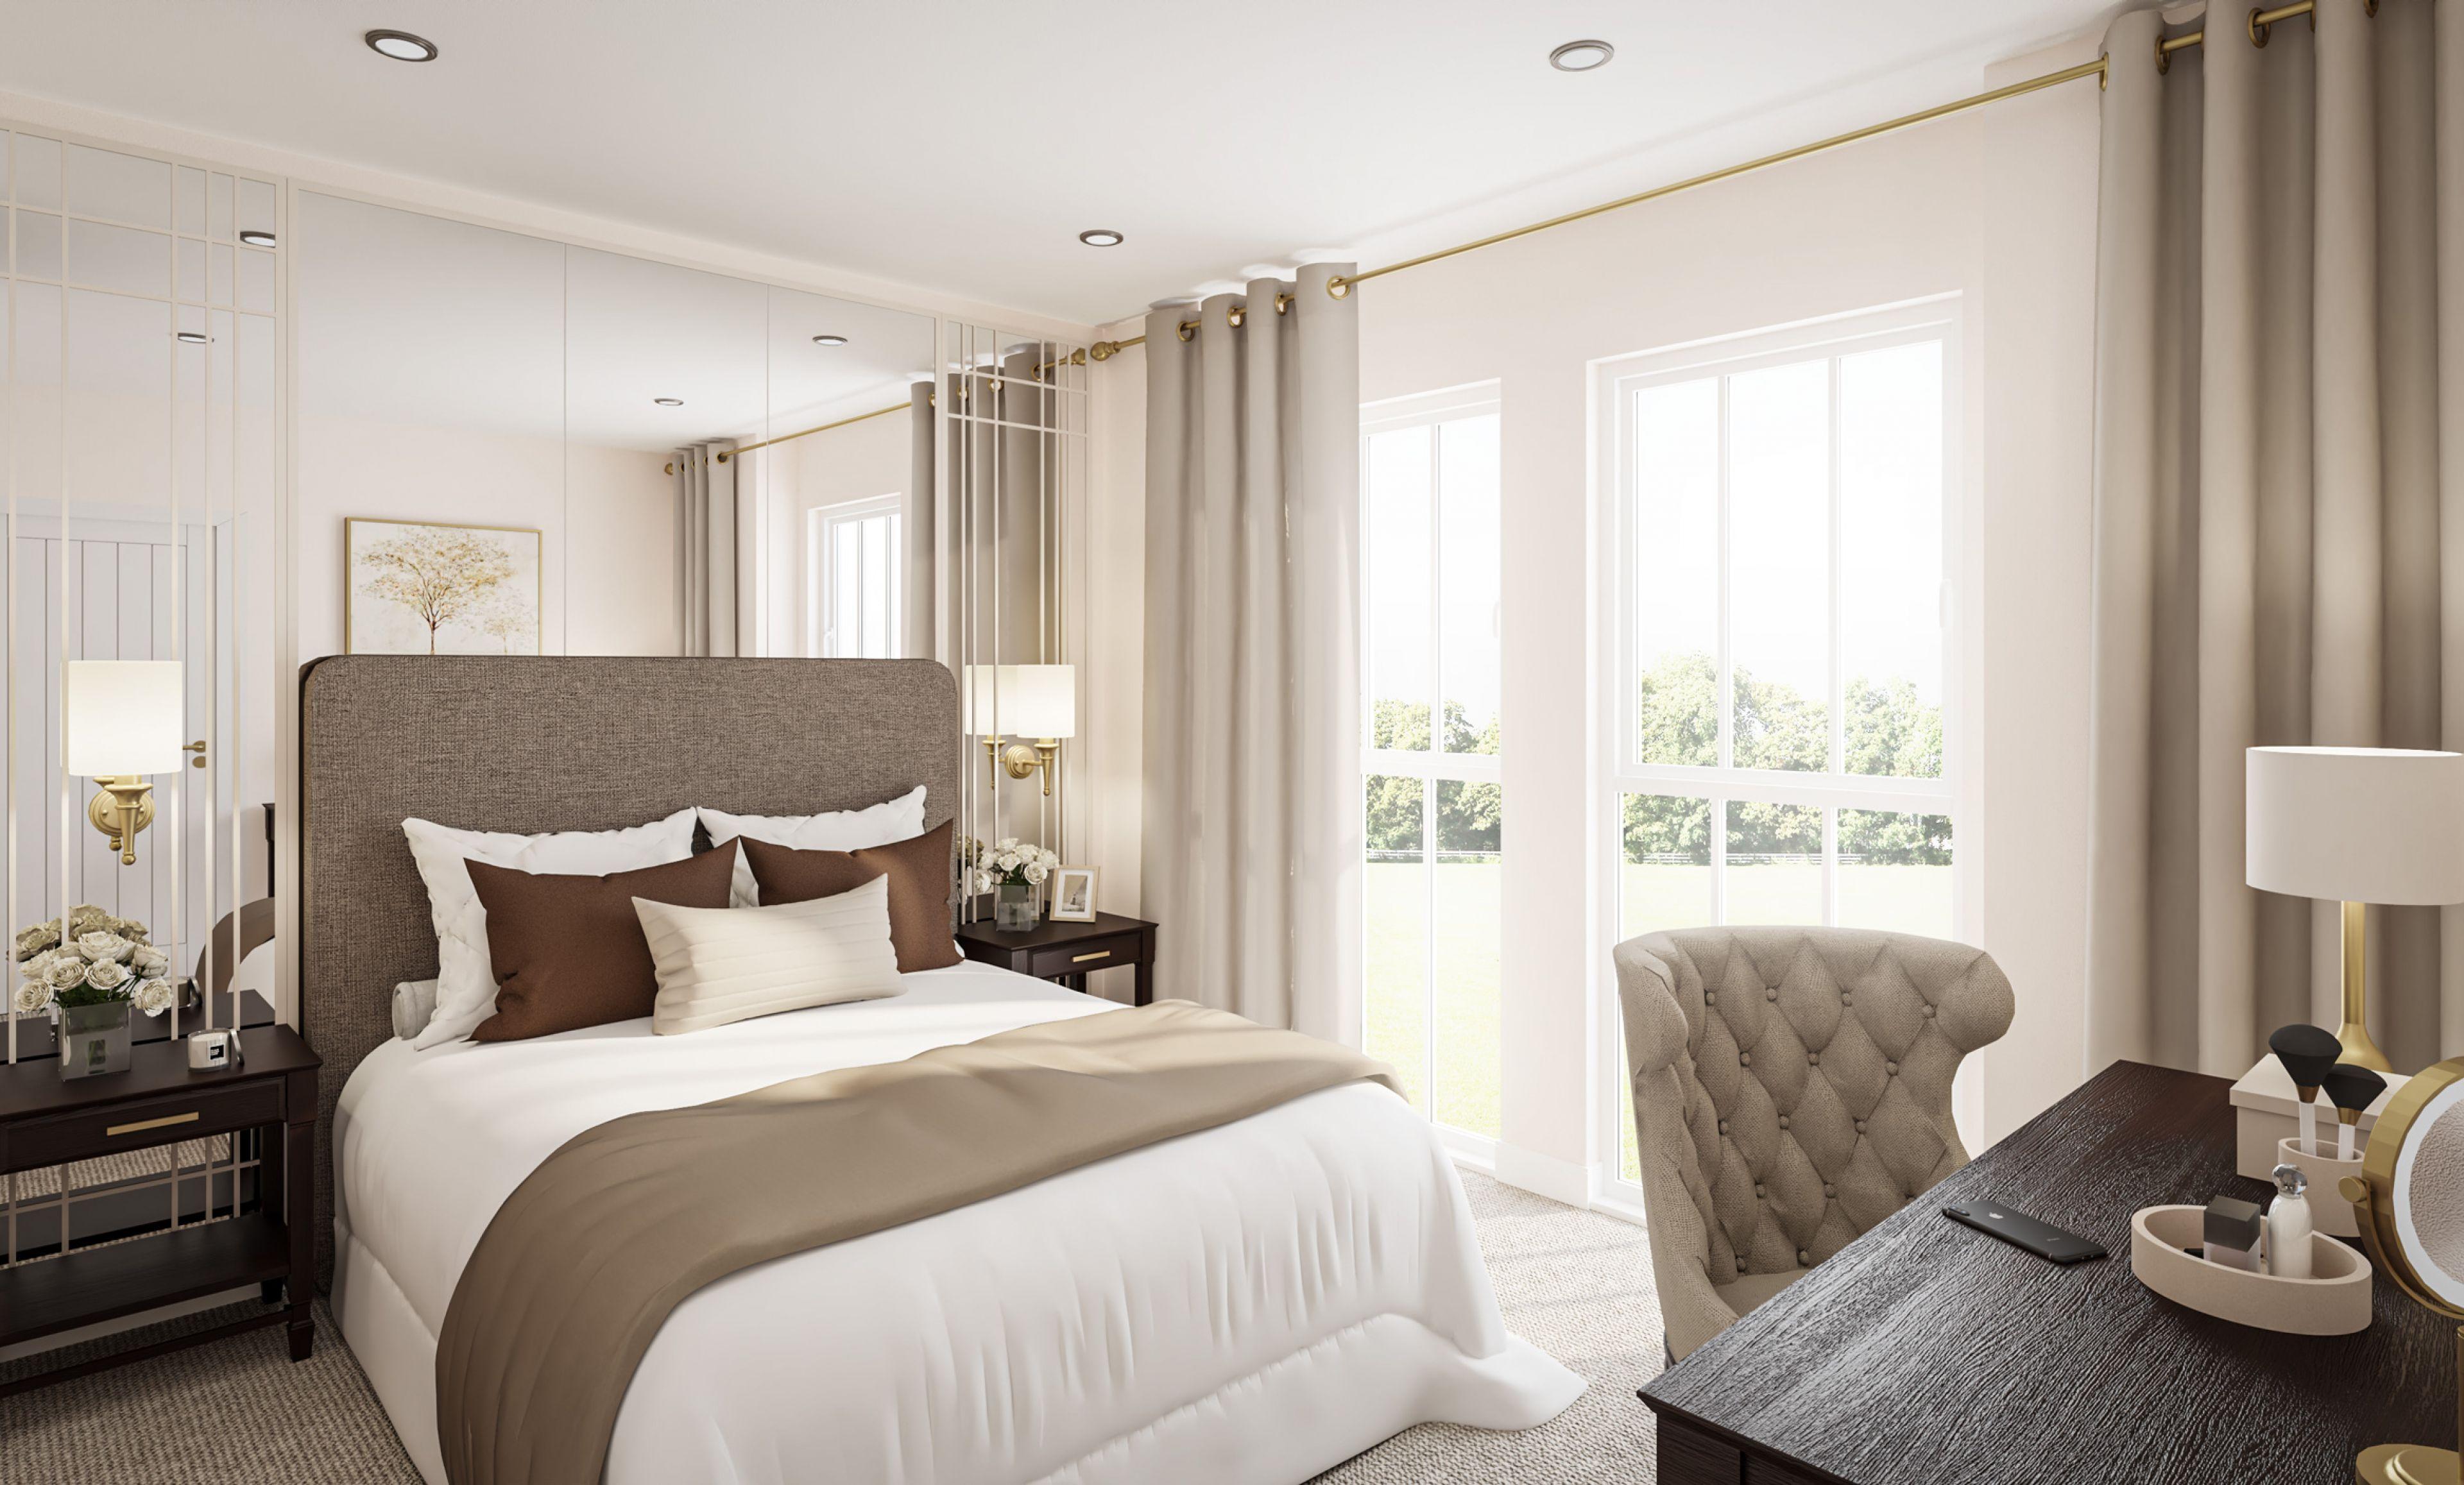 Regency Classic bedroom